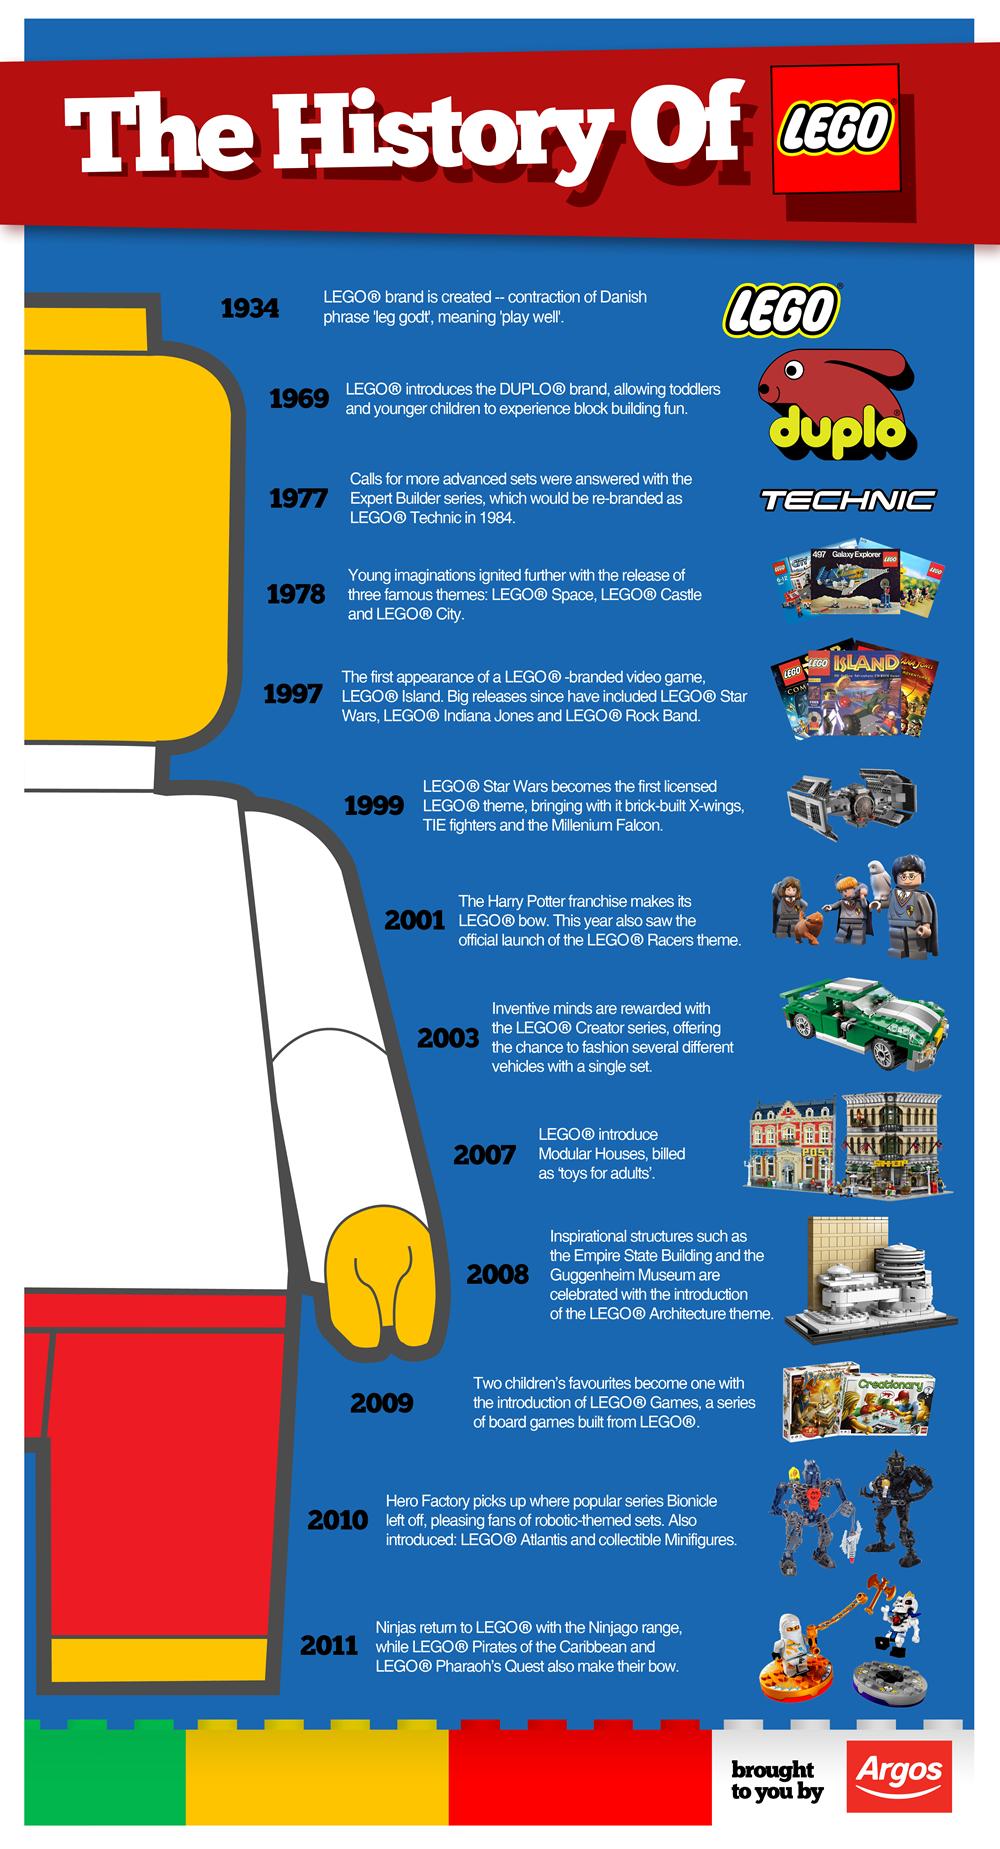 The History Of Lego Lego Legohistory History Legocompany Con